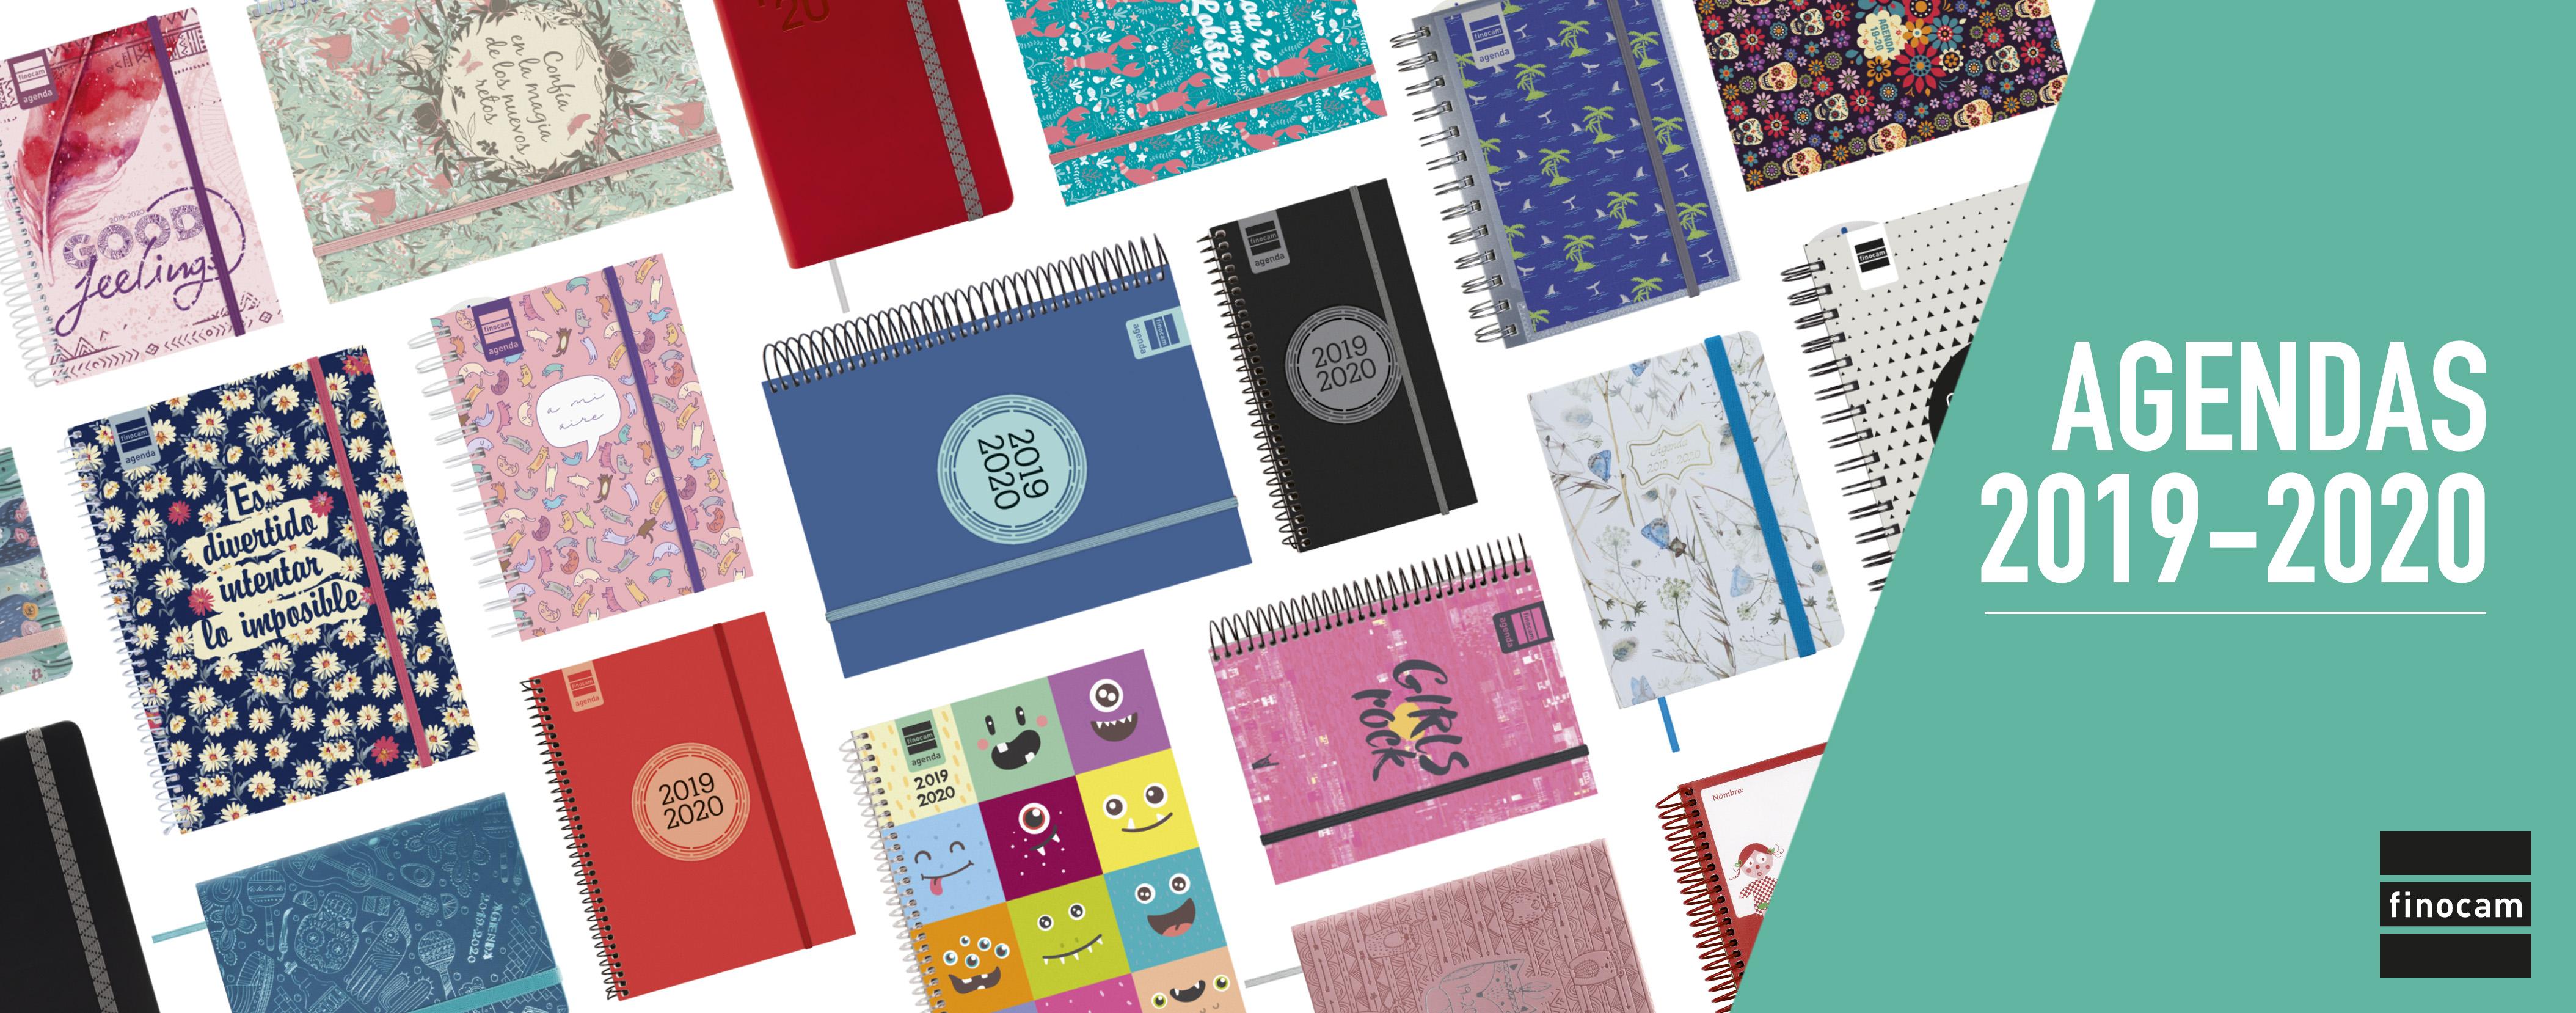 Mini Calendario 2020 Para Imprimir Chile.Agendas Y Calendarios Finocam